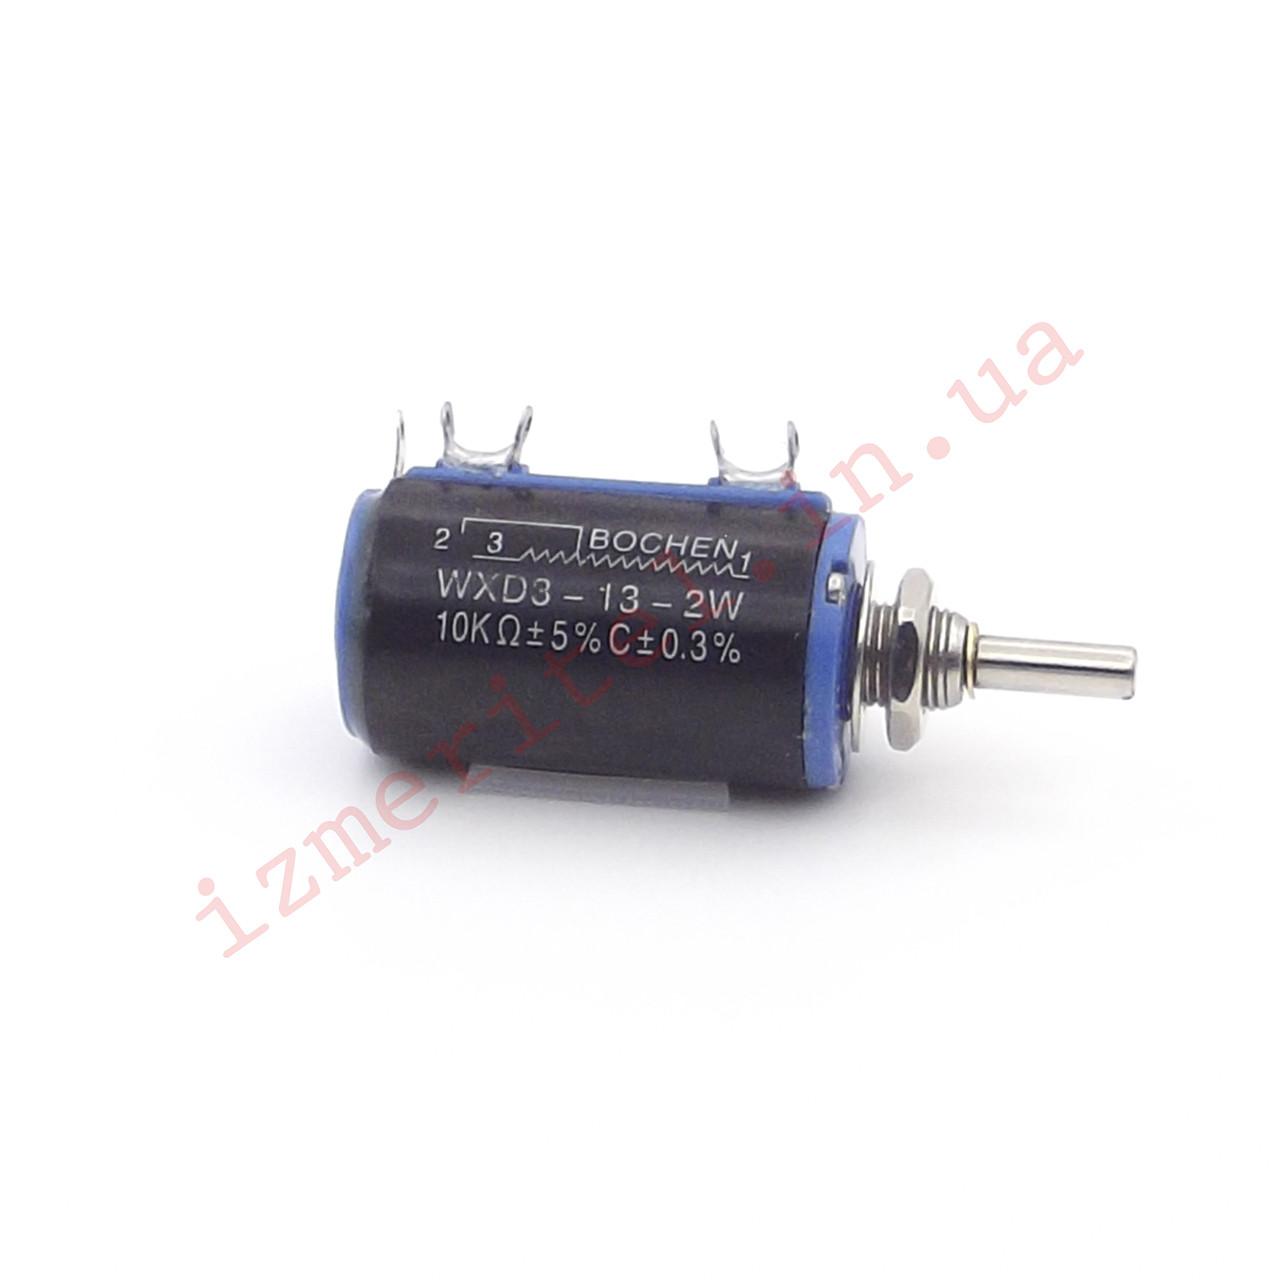 Многооборотный потенциометр WXD3-13-2W 10 кОм